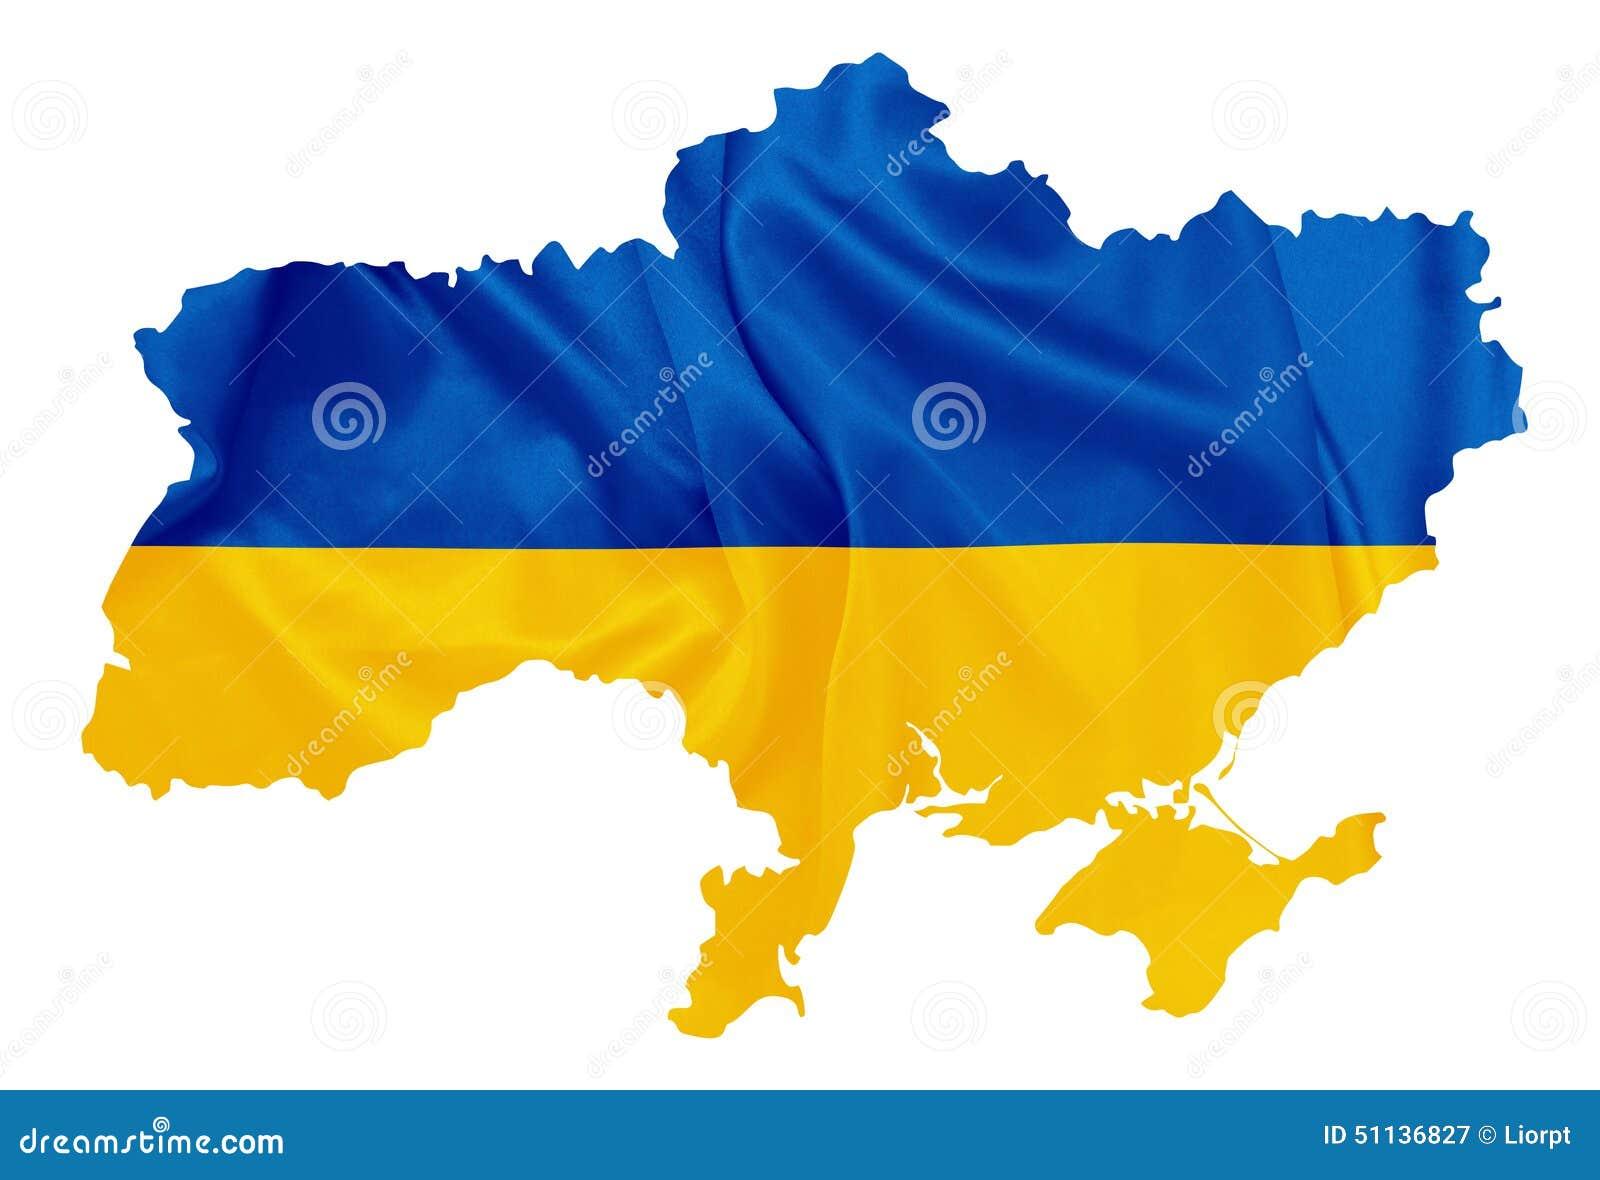 Ucraniano es ucrania soltero